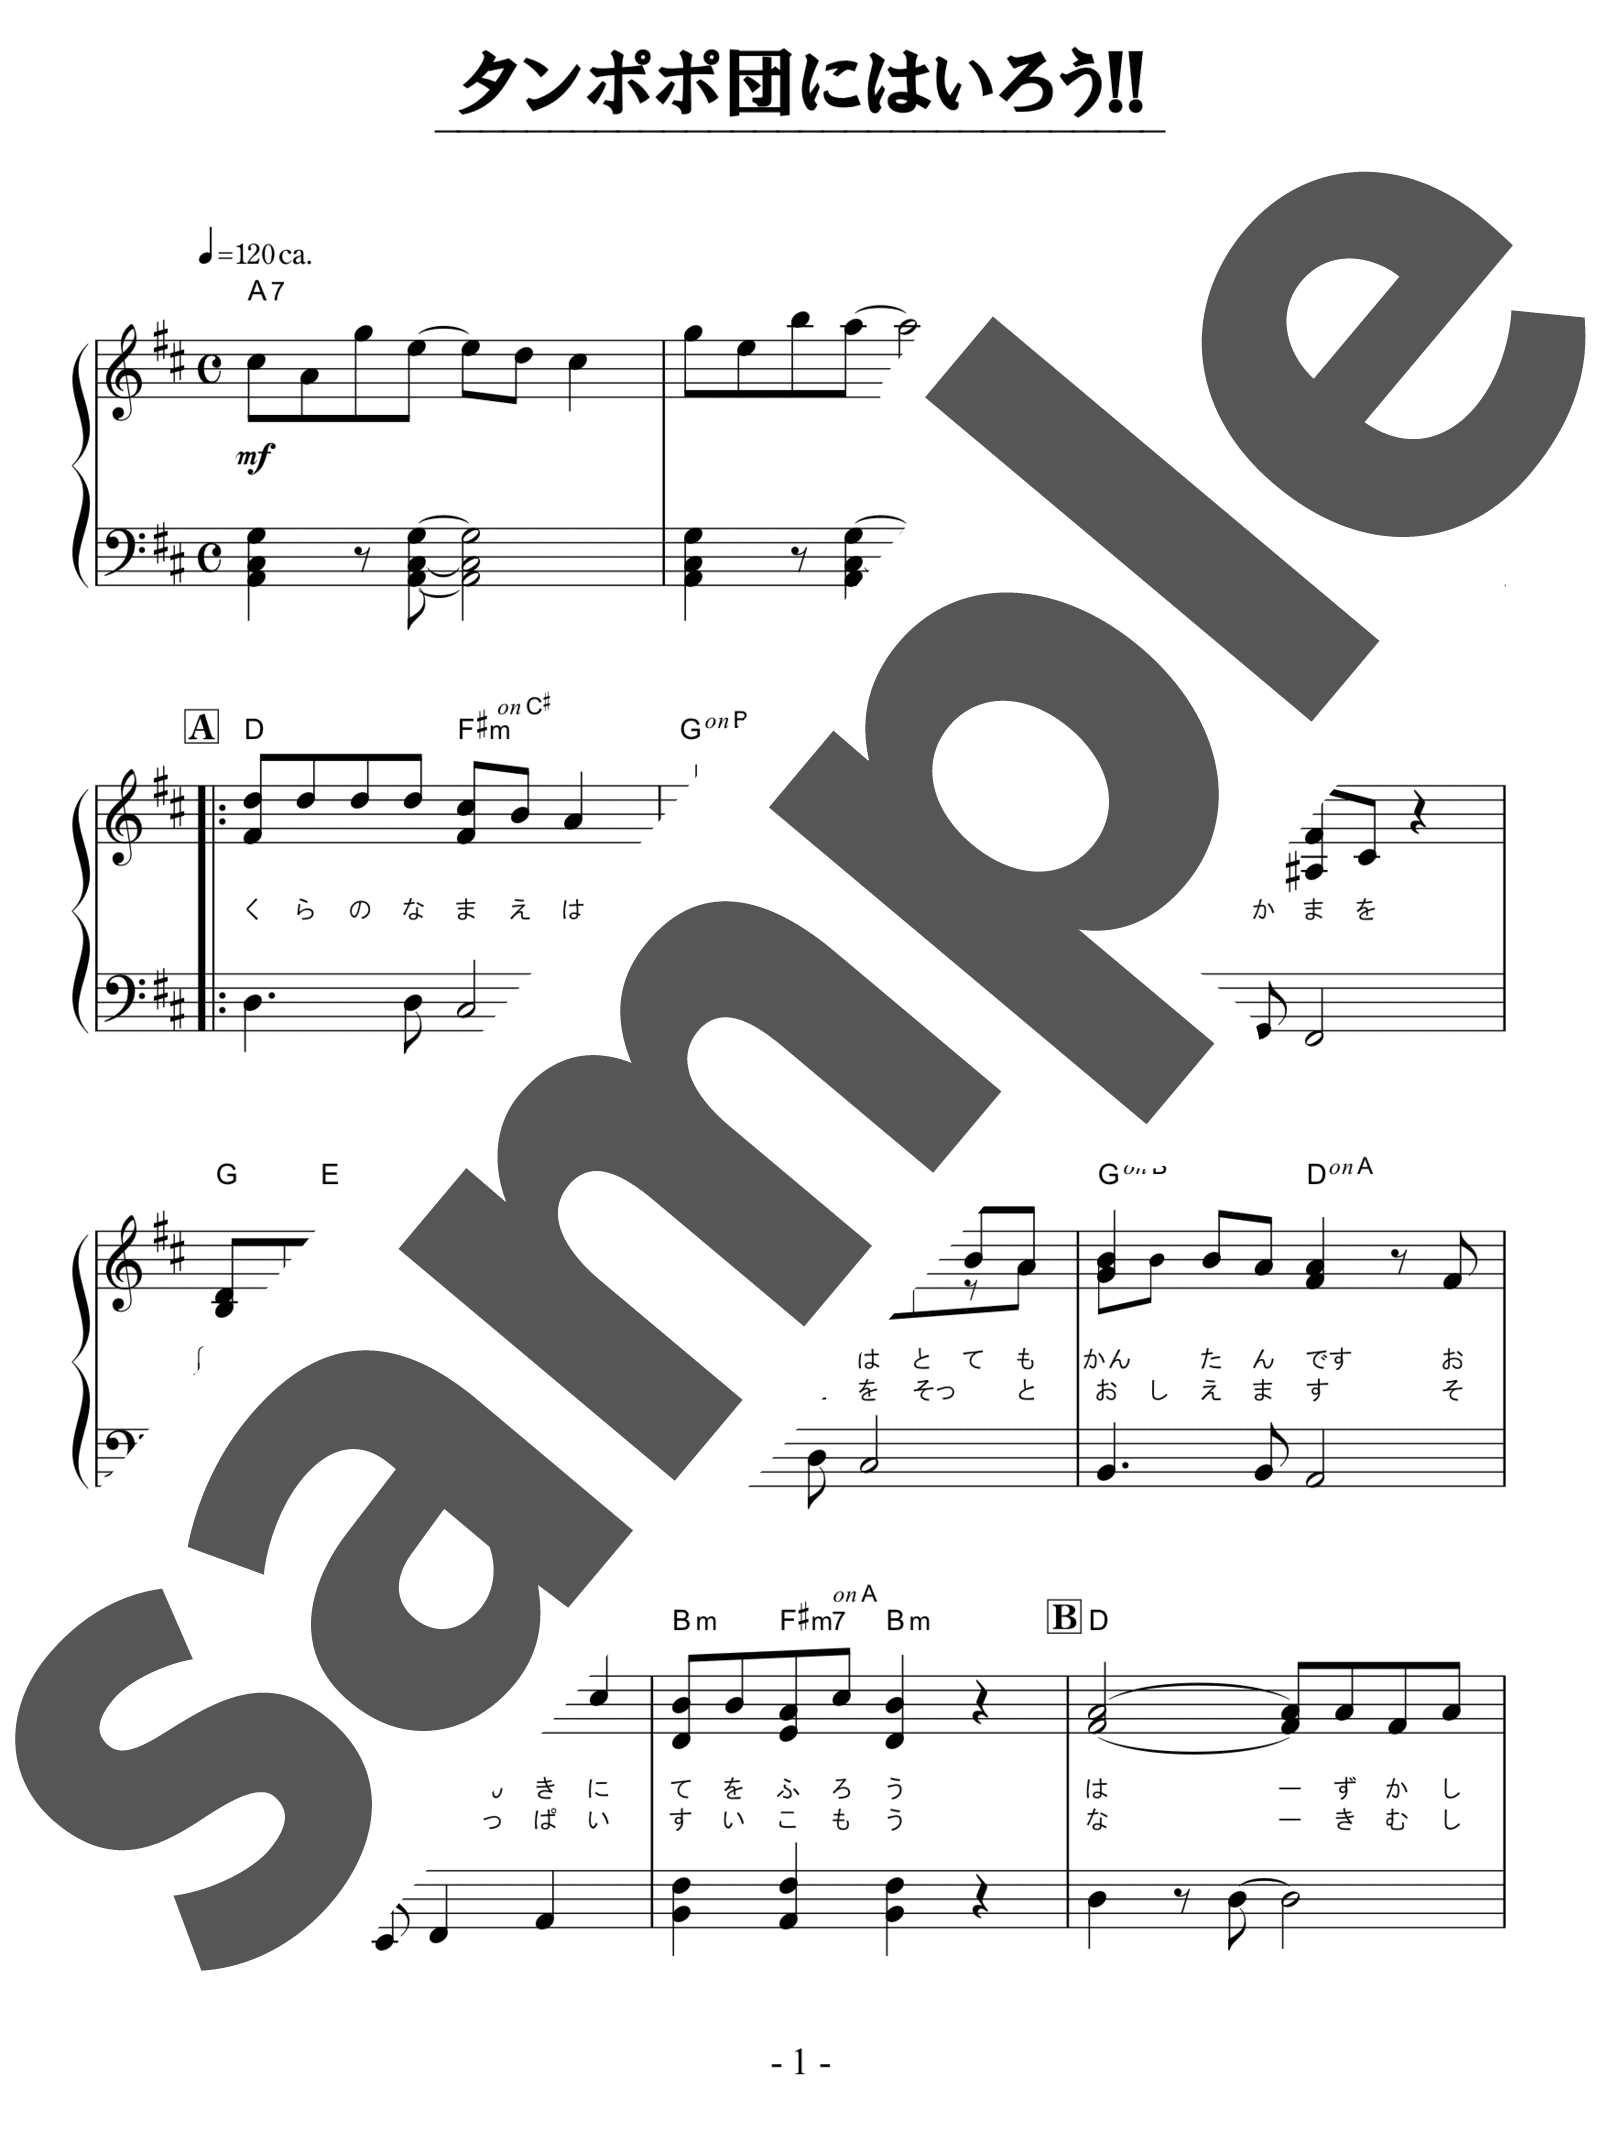 「タンポポ団にはいろう!!」のサンプル楽譜